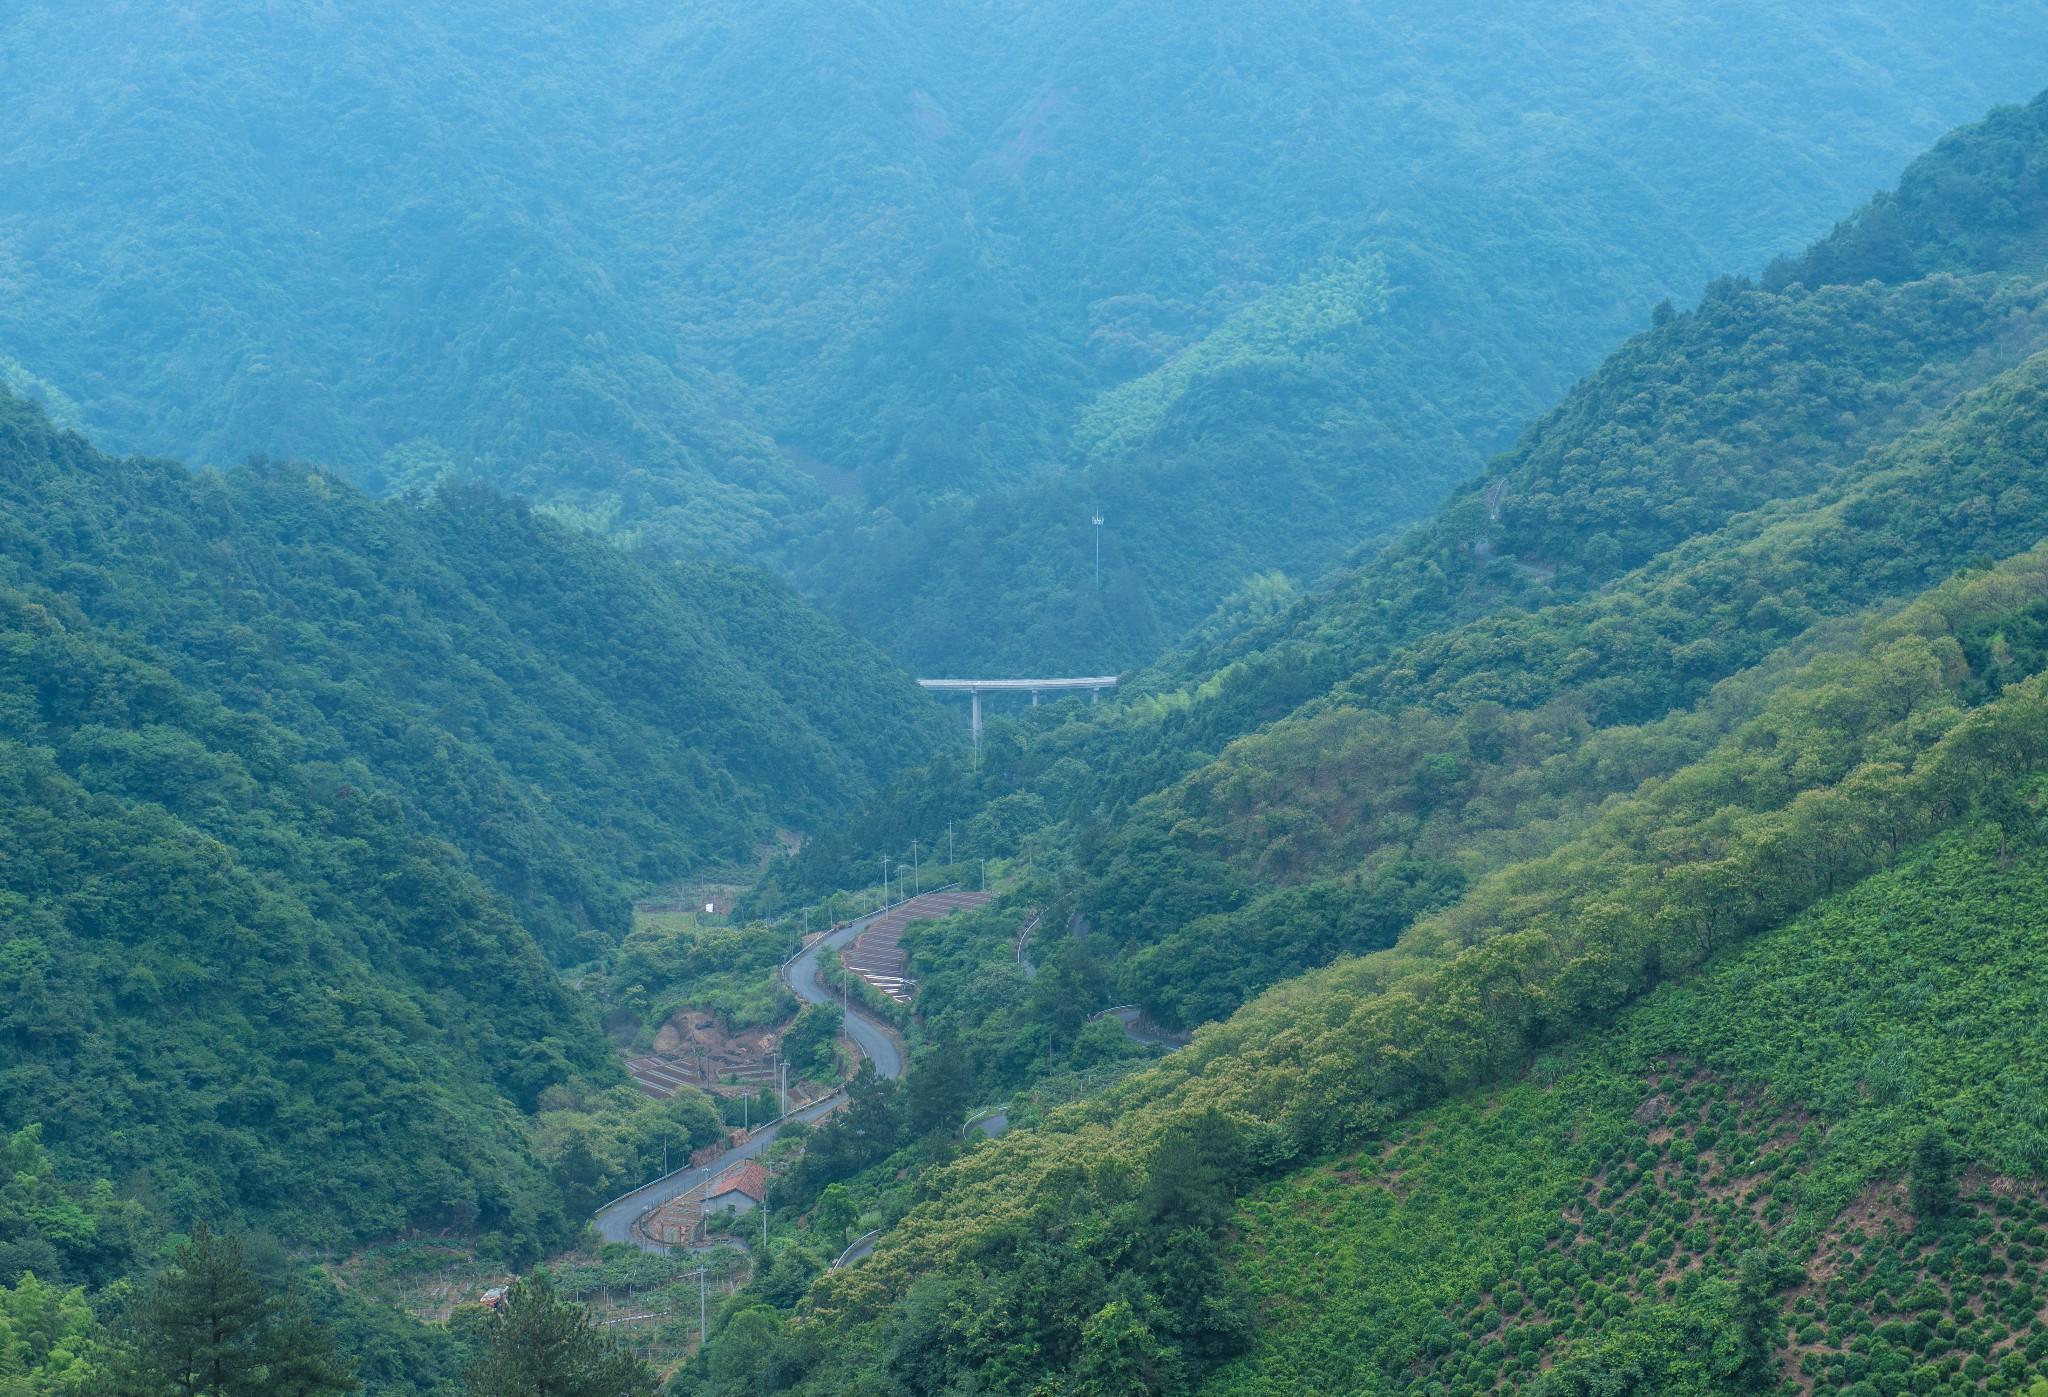 杭州周边自驾游去哪里好,杭州周边适合自驾游的地方,杭州周边自驾游推荐